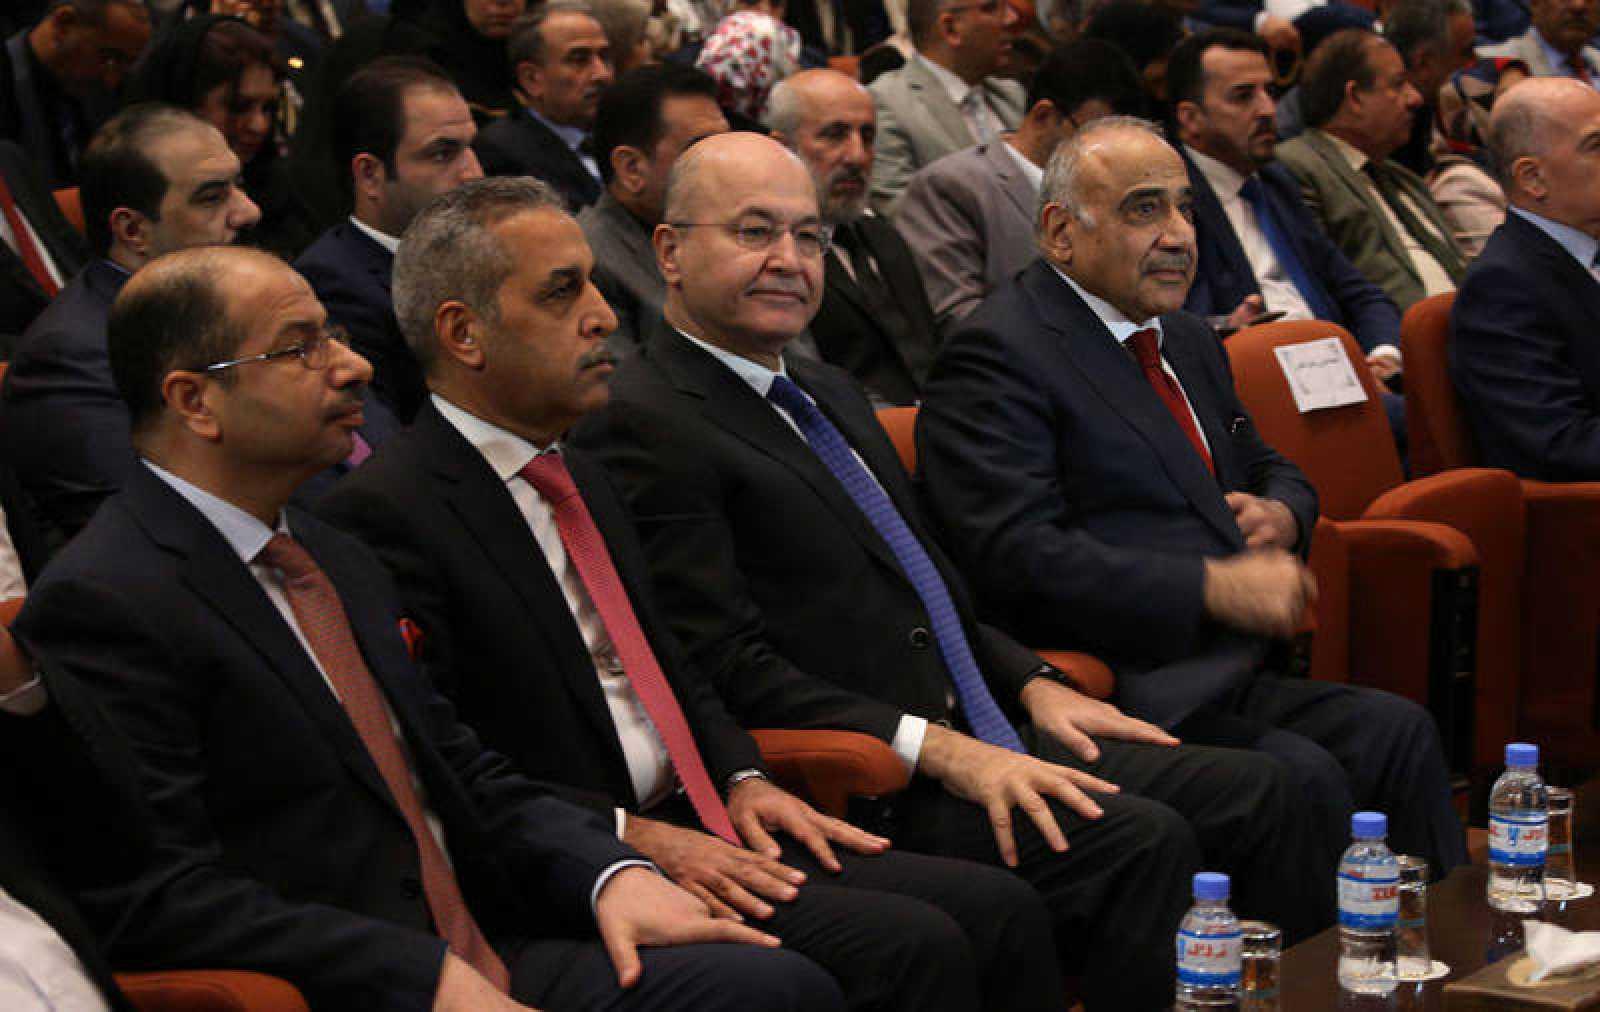 El presidente iraquí, Barham Saleh, y el nuevo primer ministro, Adel Abdulmahdi, en el Parlamento durante la votación del nuevo Gobierno